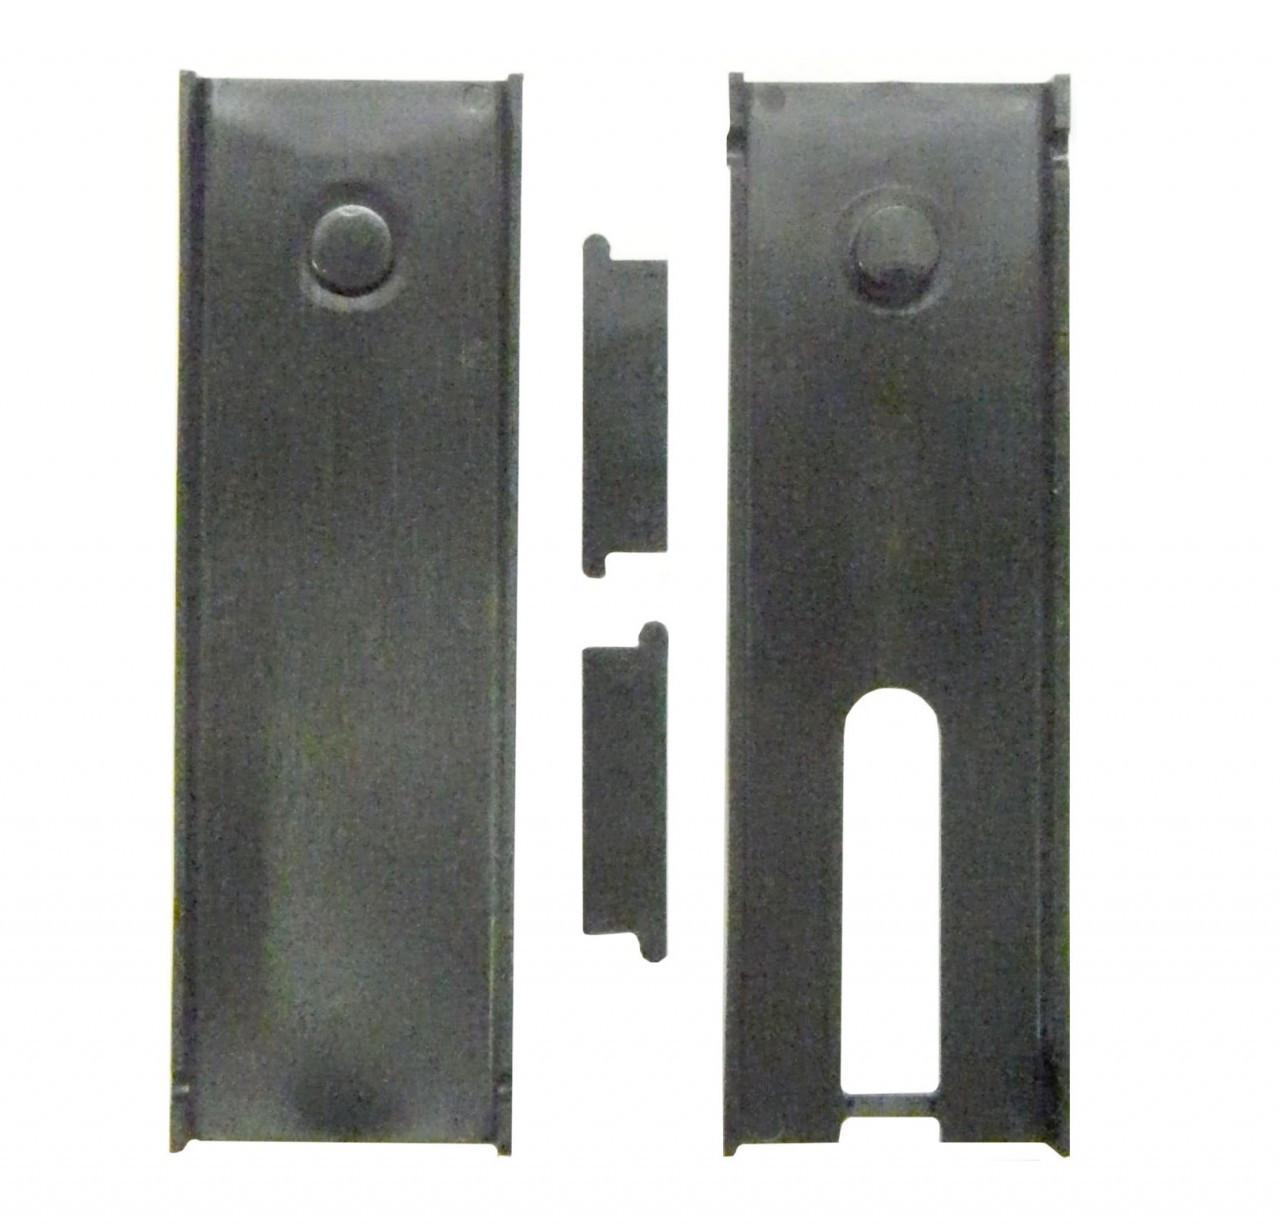 5944 --- Demco DA20 Wear Pad Spacers Kit